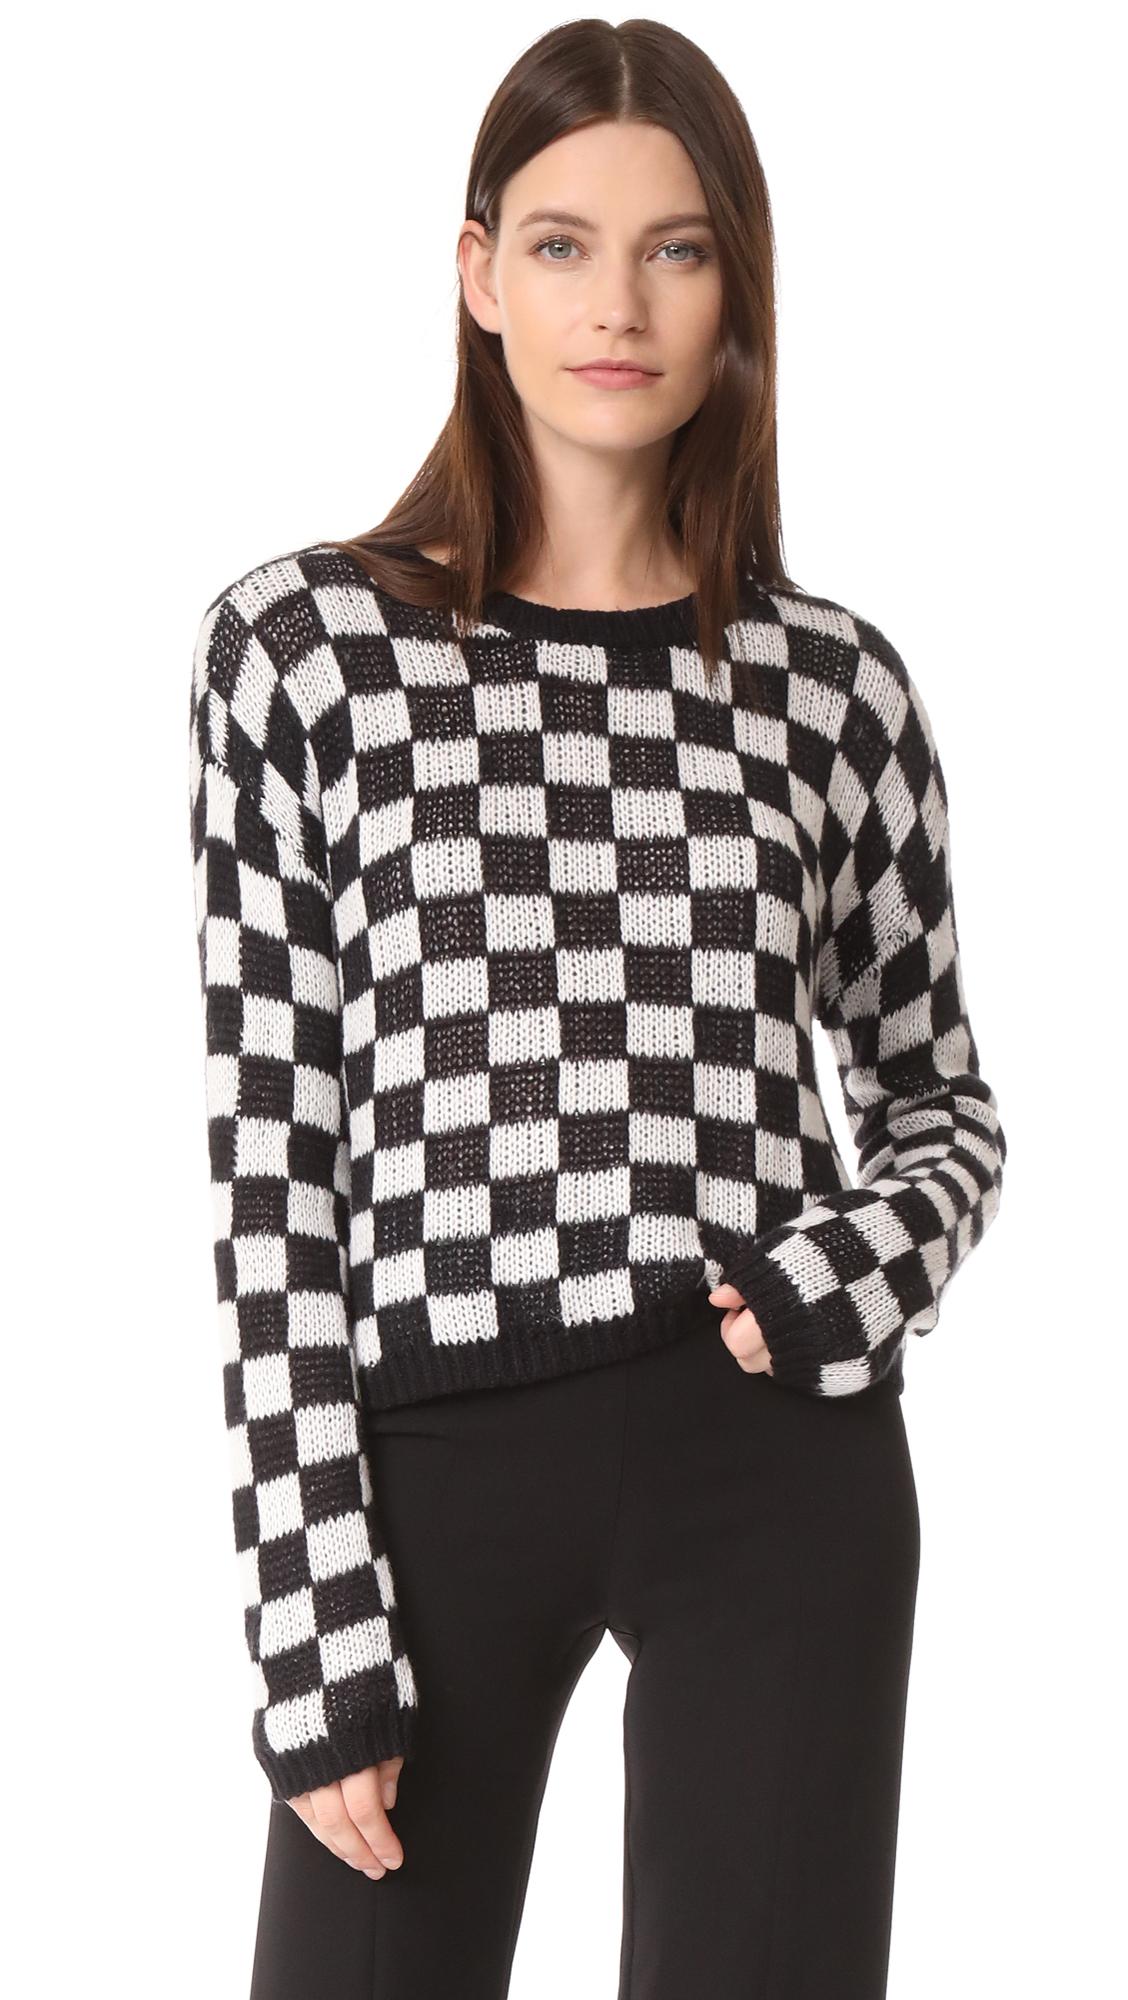 A.L.C. Remington Sweater - Black/White